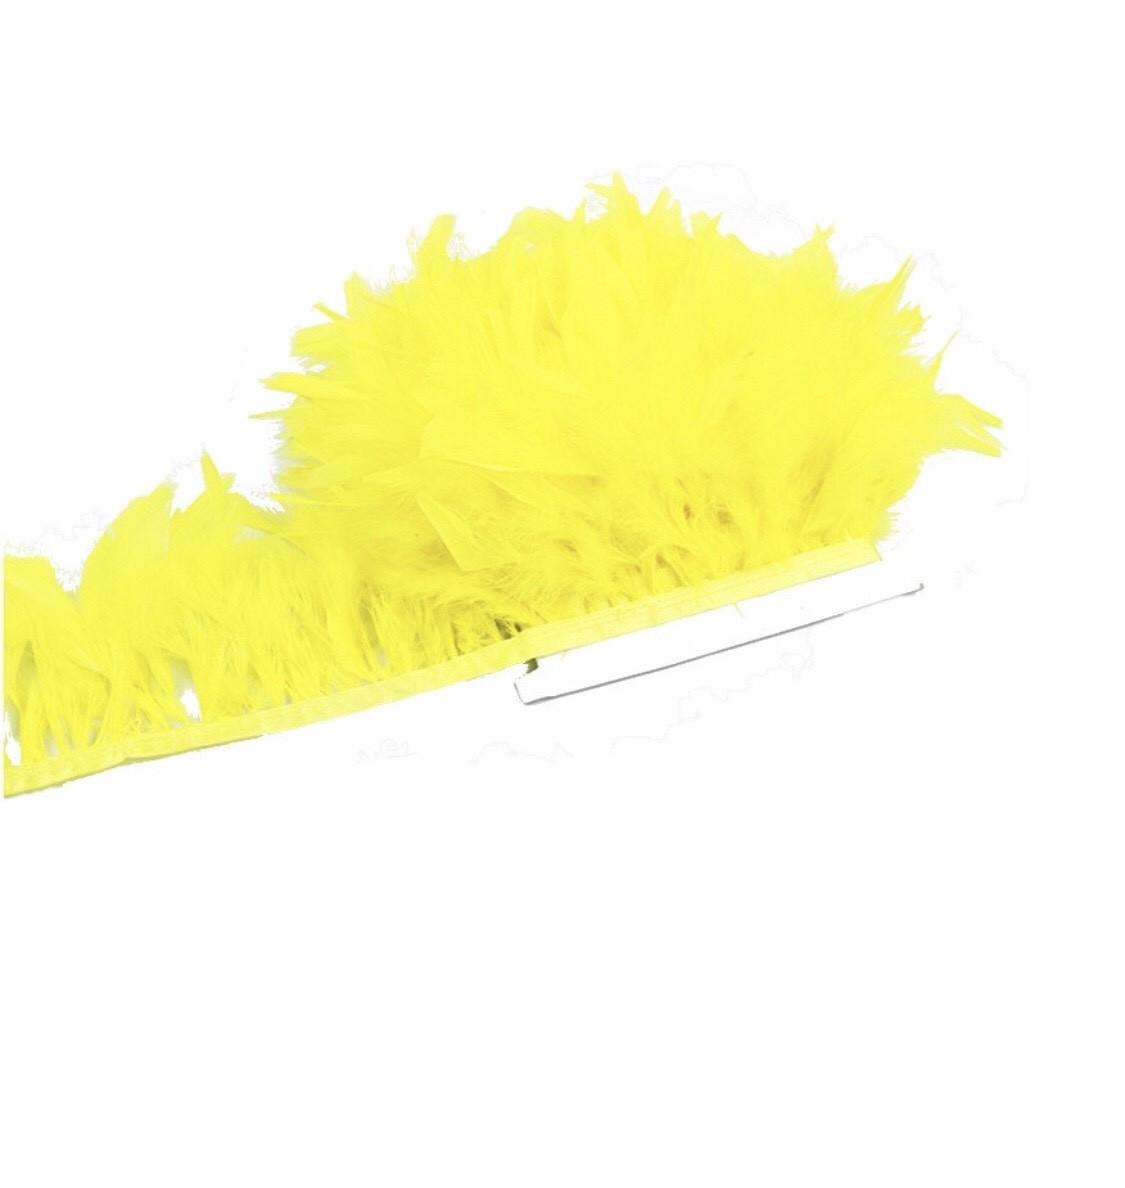 Перьевая тесьма из перьев индюка на атласной ленте .Цена за 0,5м